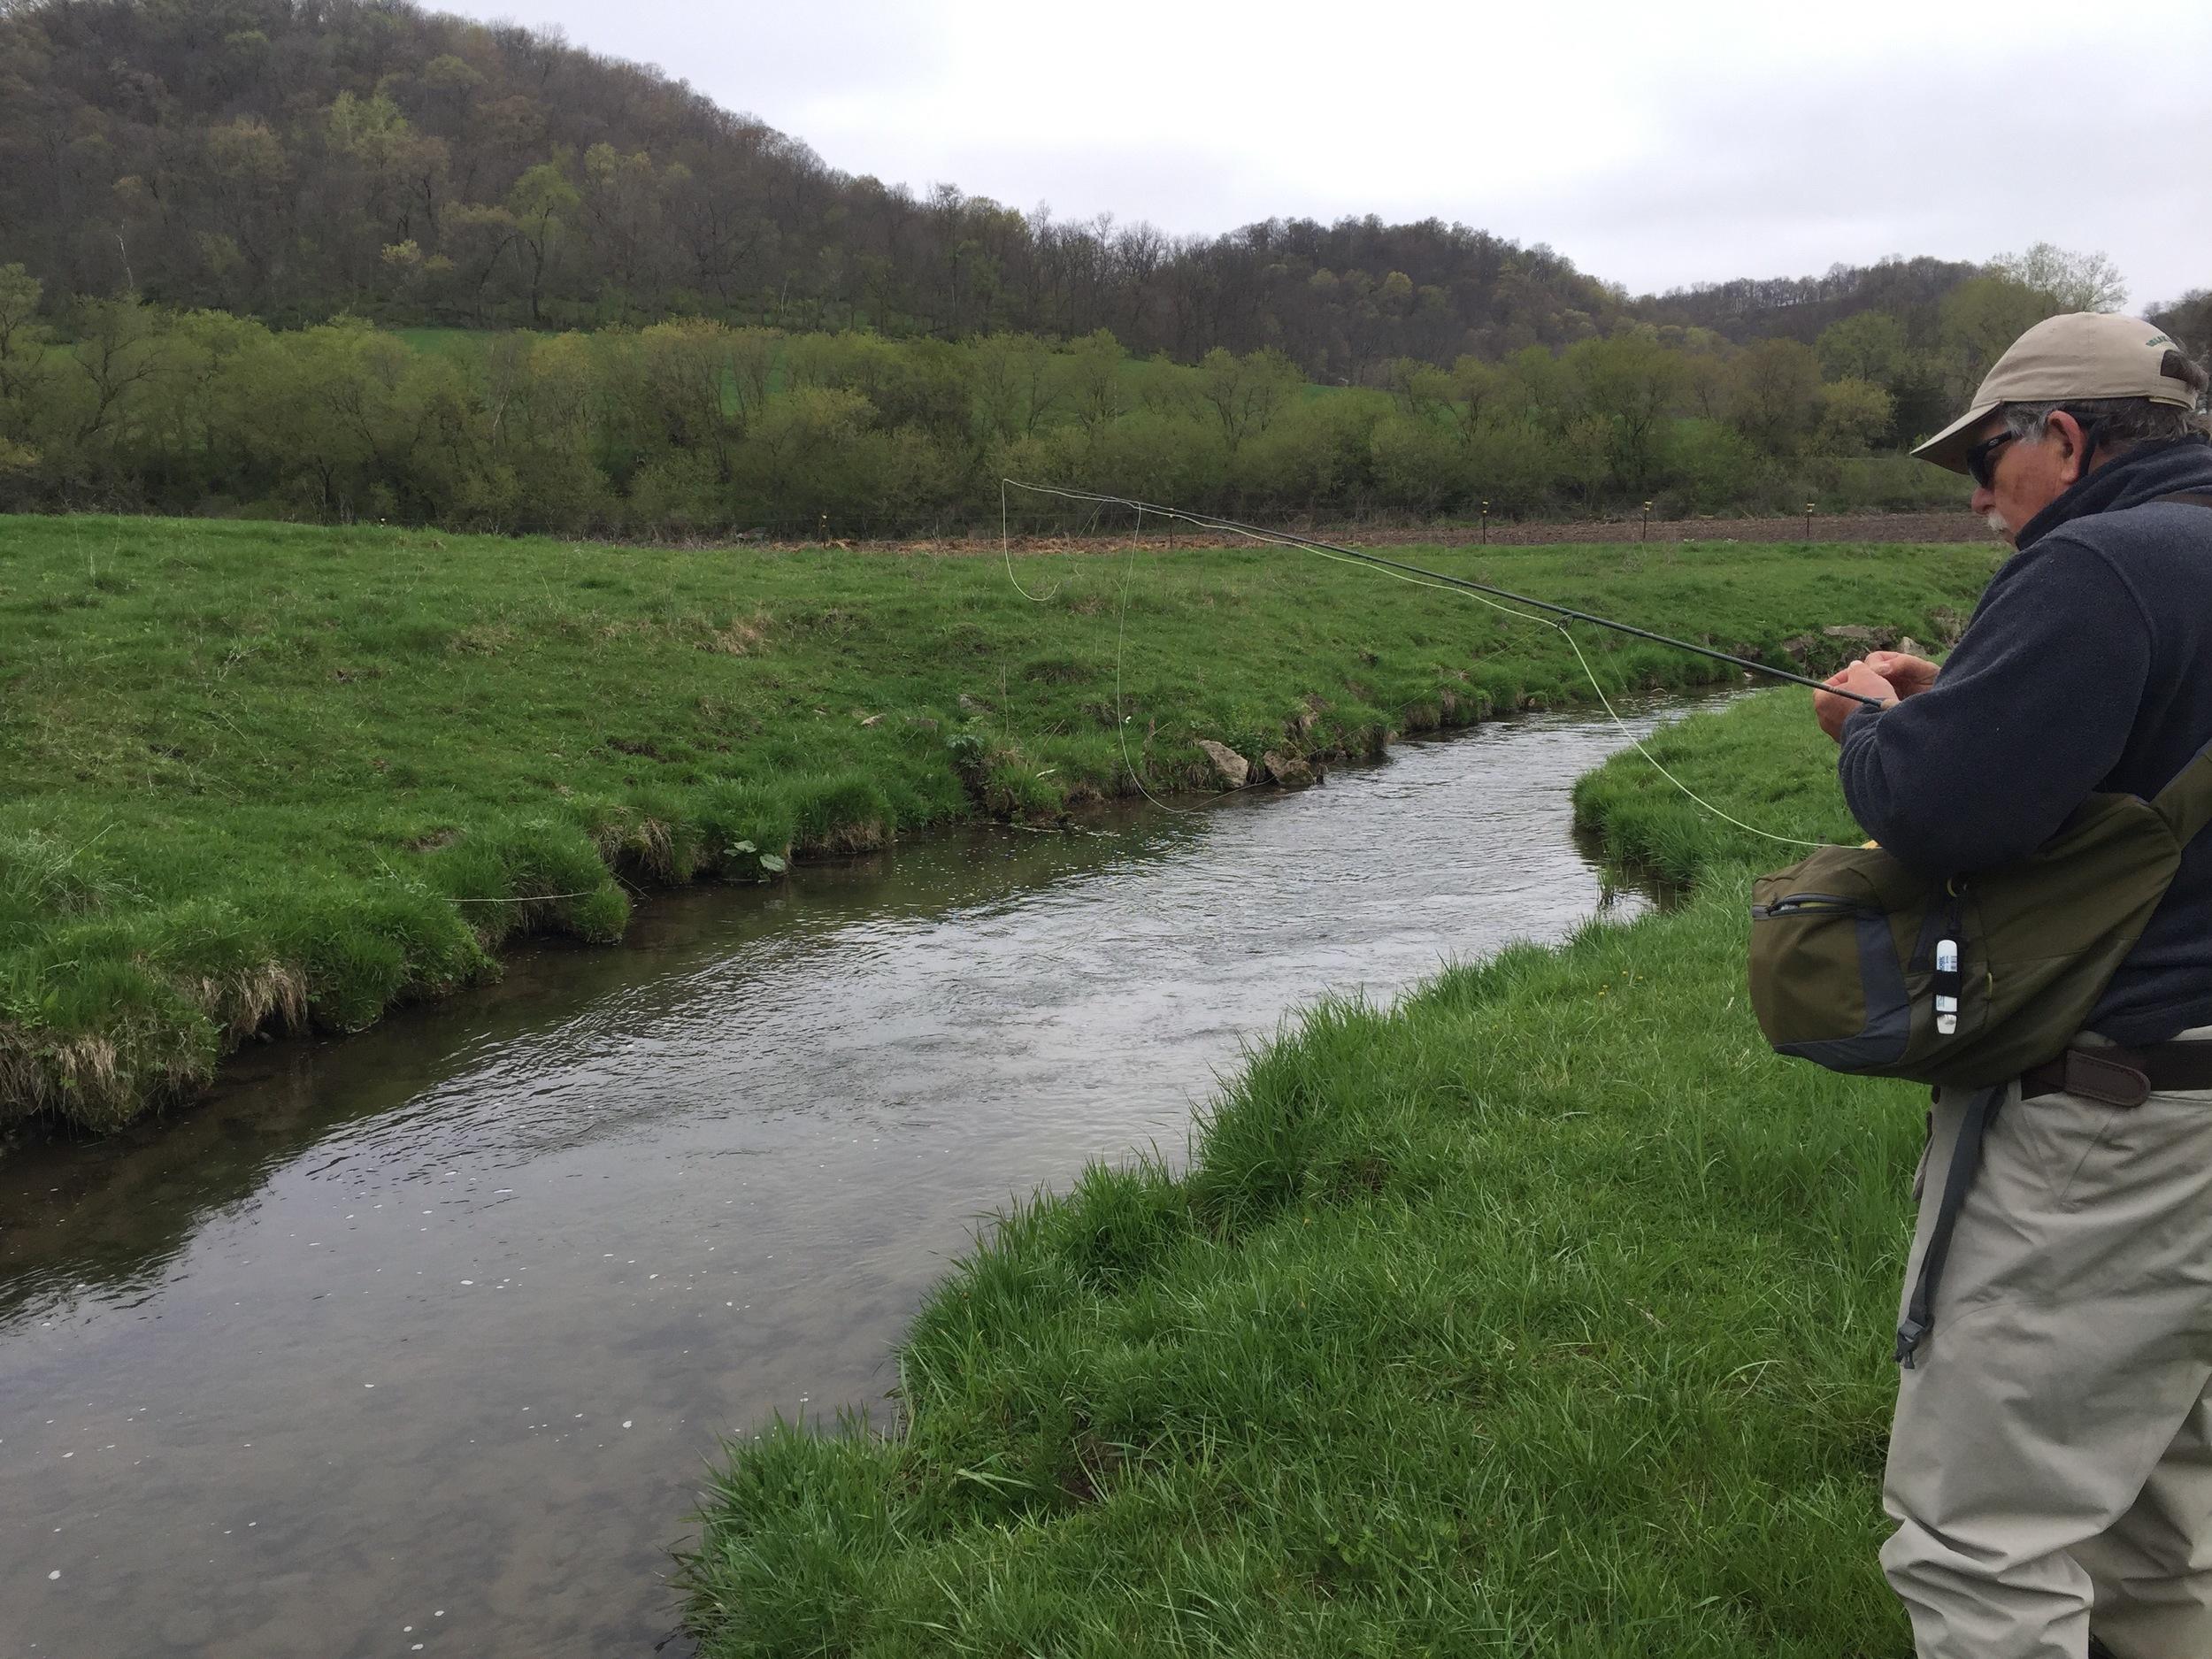 Jim Gitter - Guide from the Driftless Angler Fly Shop